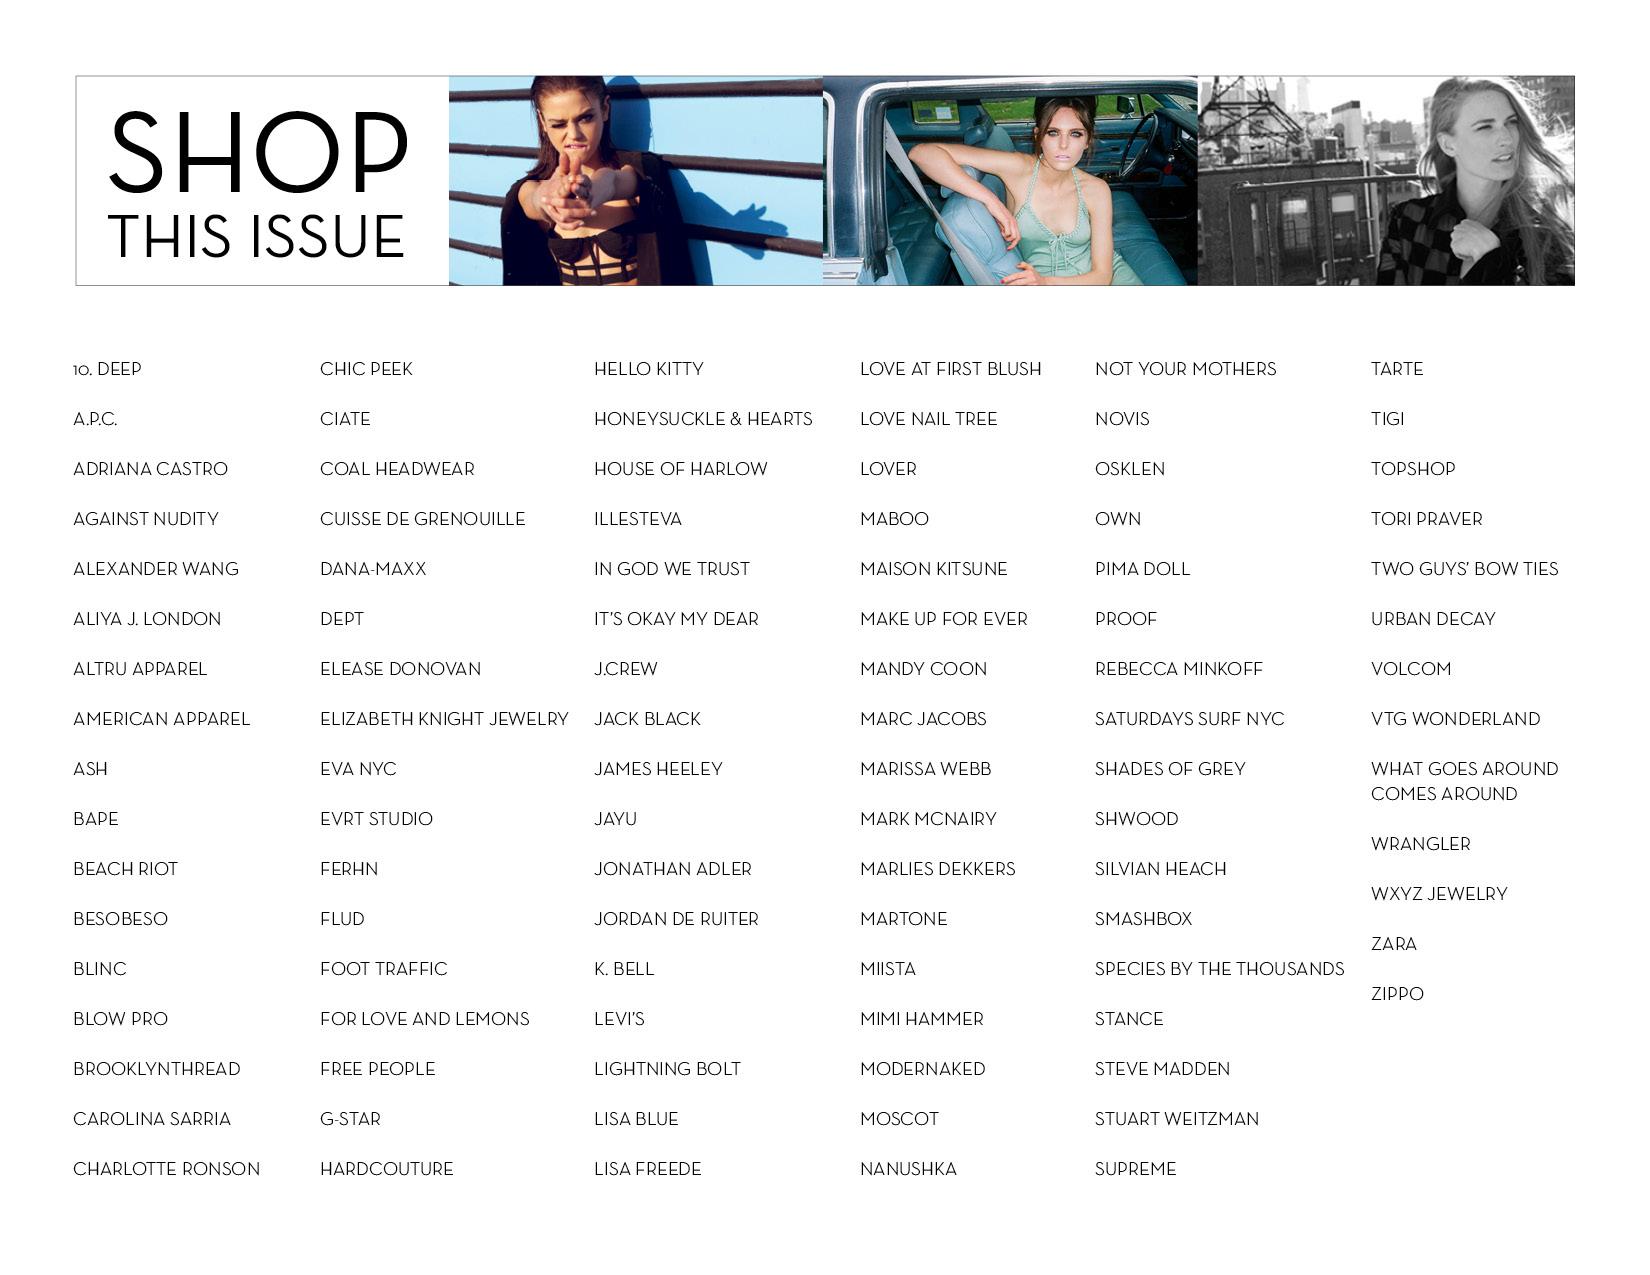 SHK-Summer-Issue-Summer-Needs-No-Explaination-201393.jpg